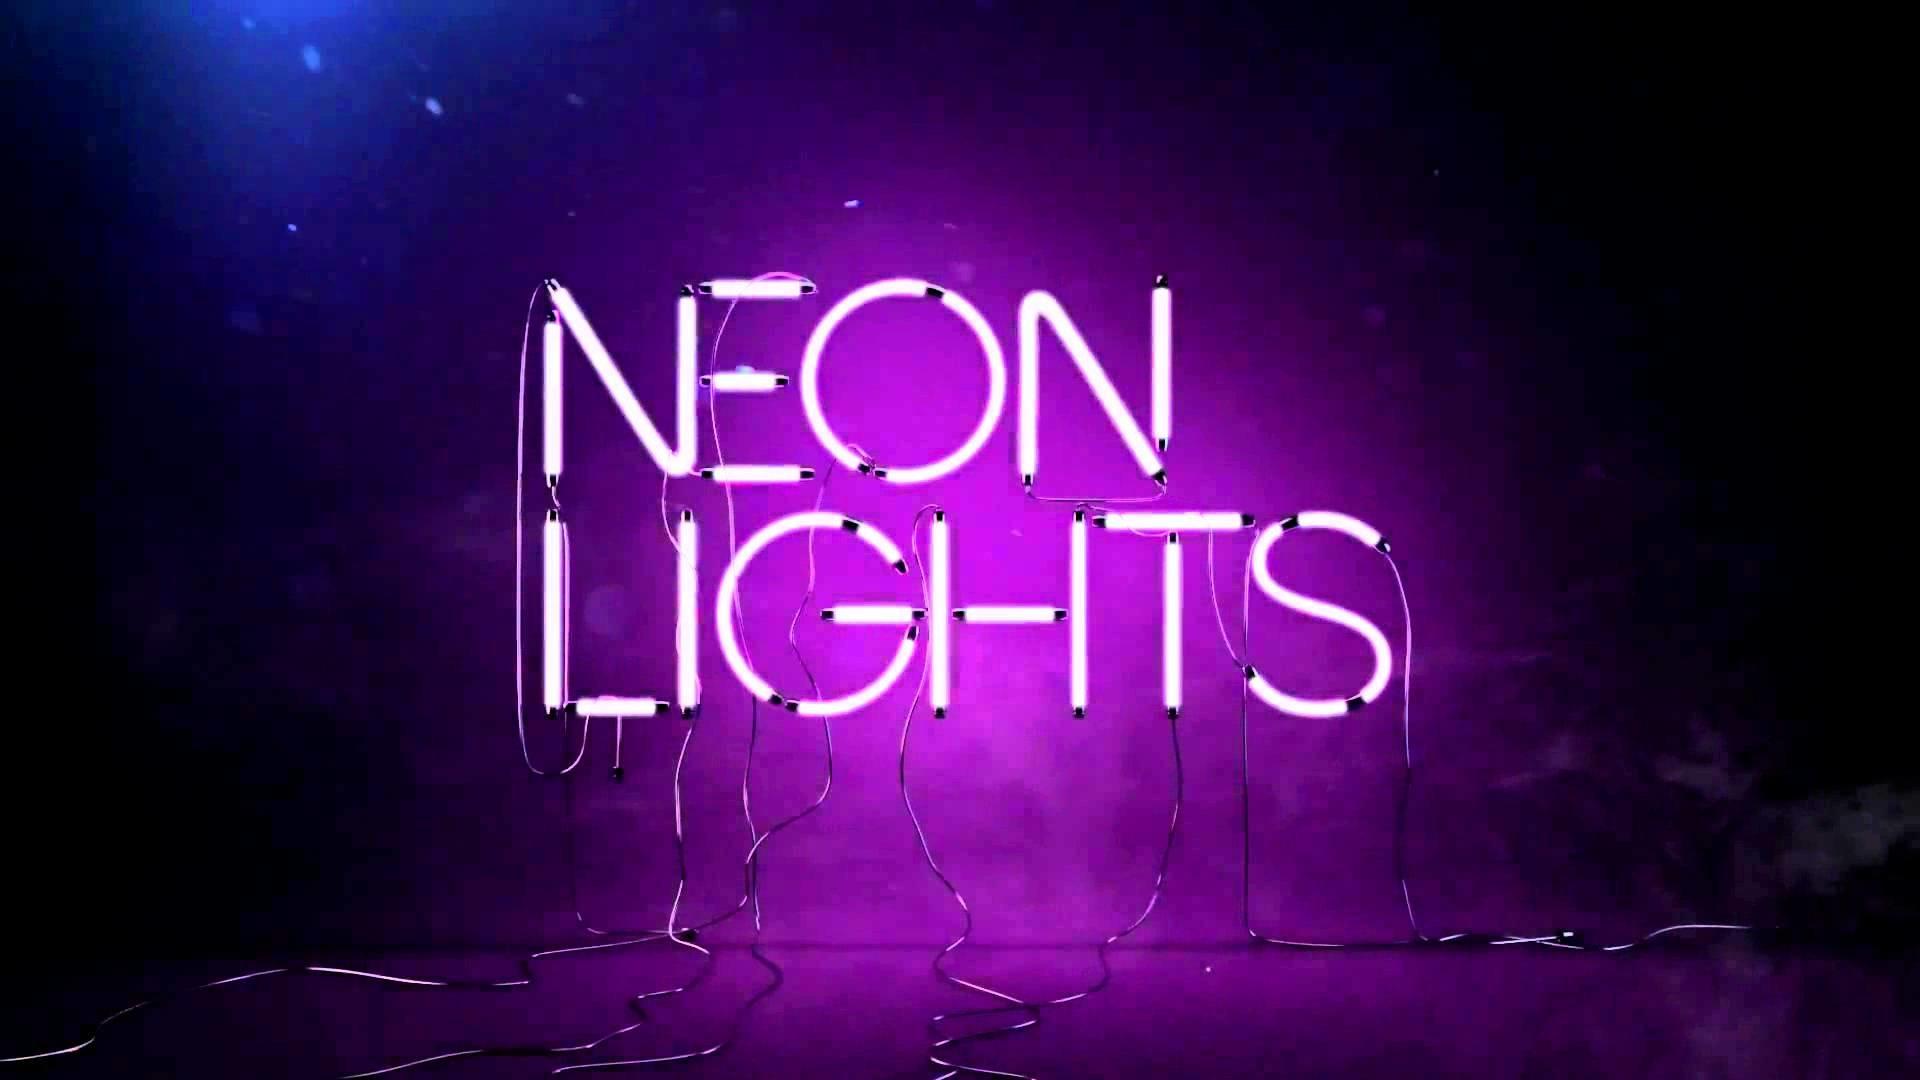 view neon aesthetic desktop wallpaper images